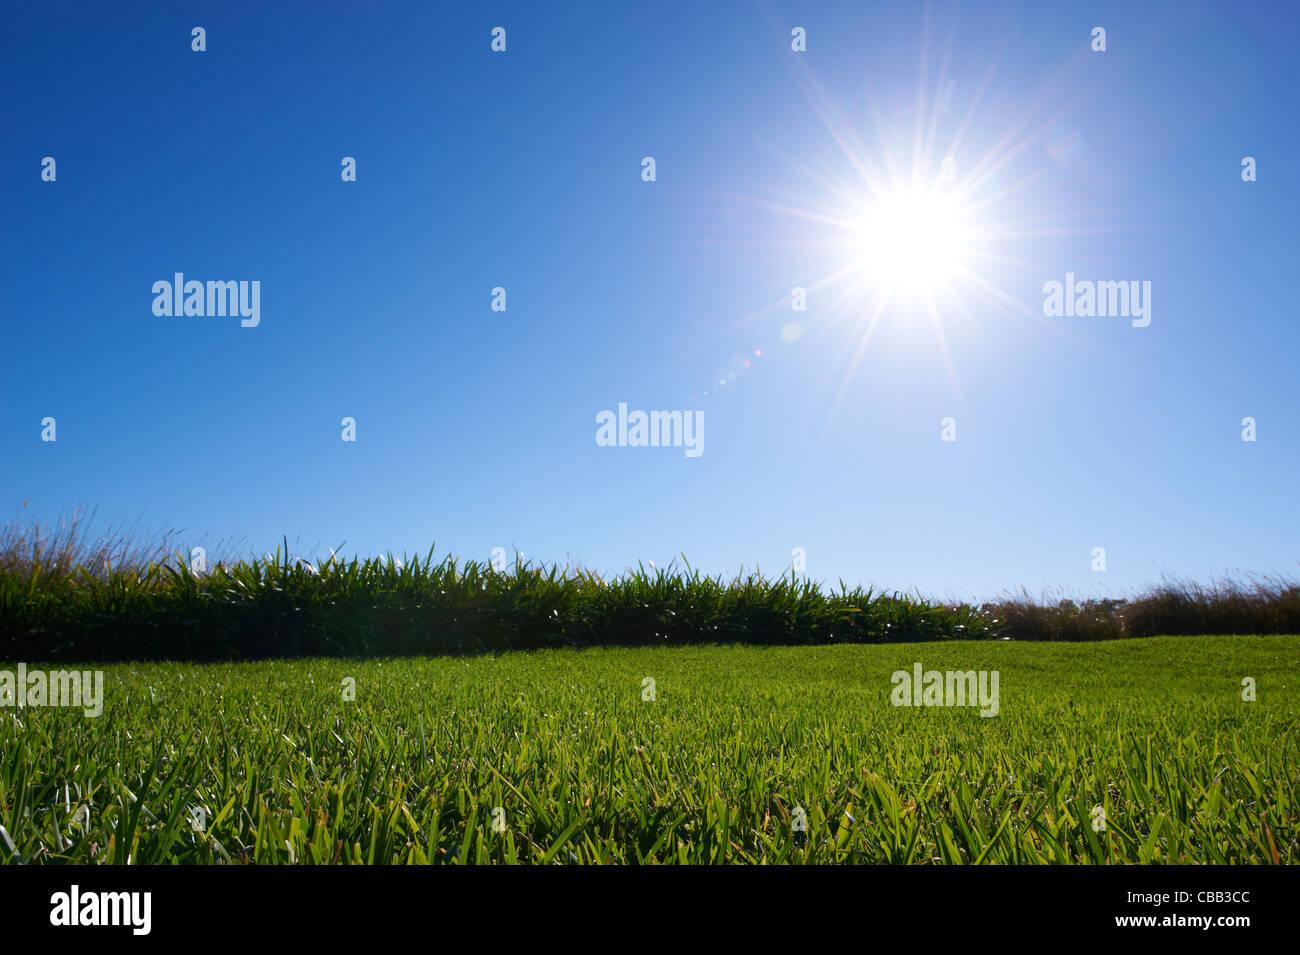 Exuberante verde césped soleado cielo azul Imagen De Stock